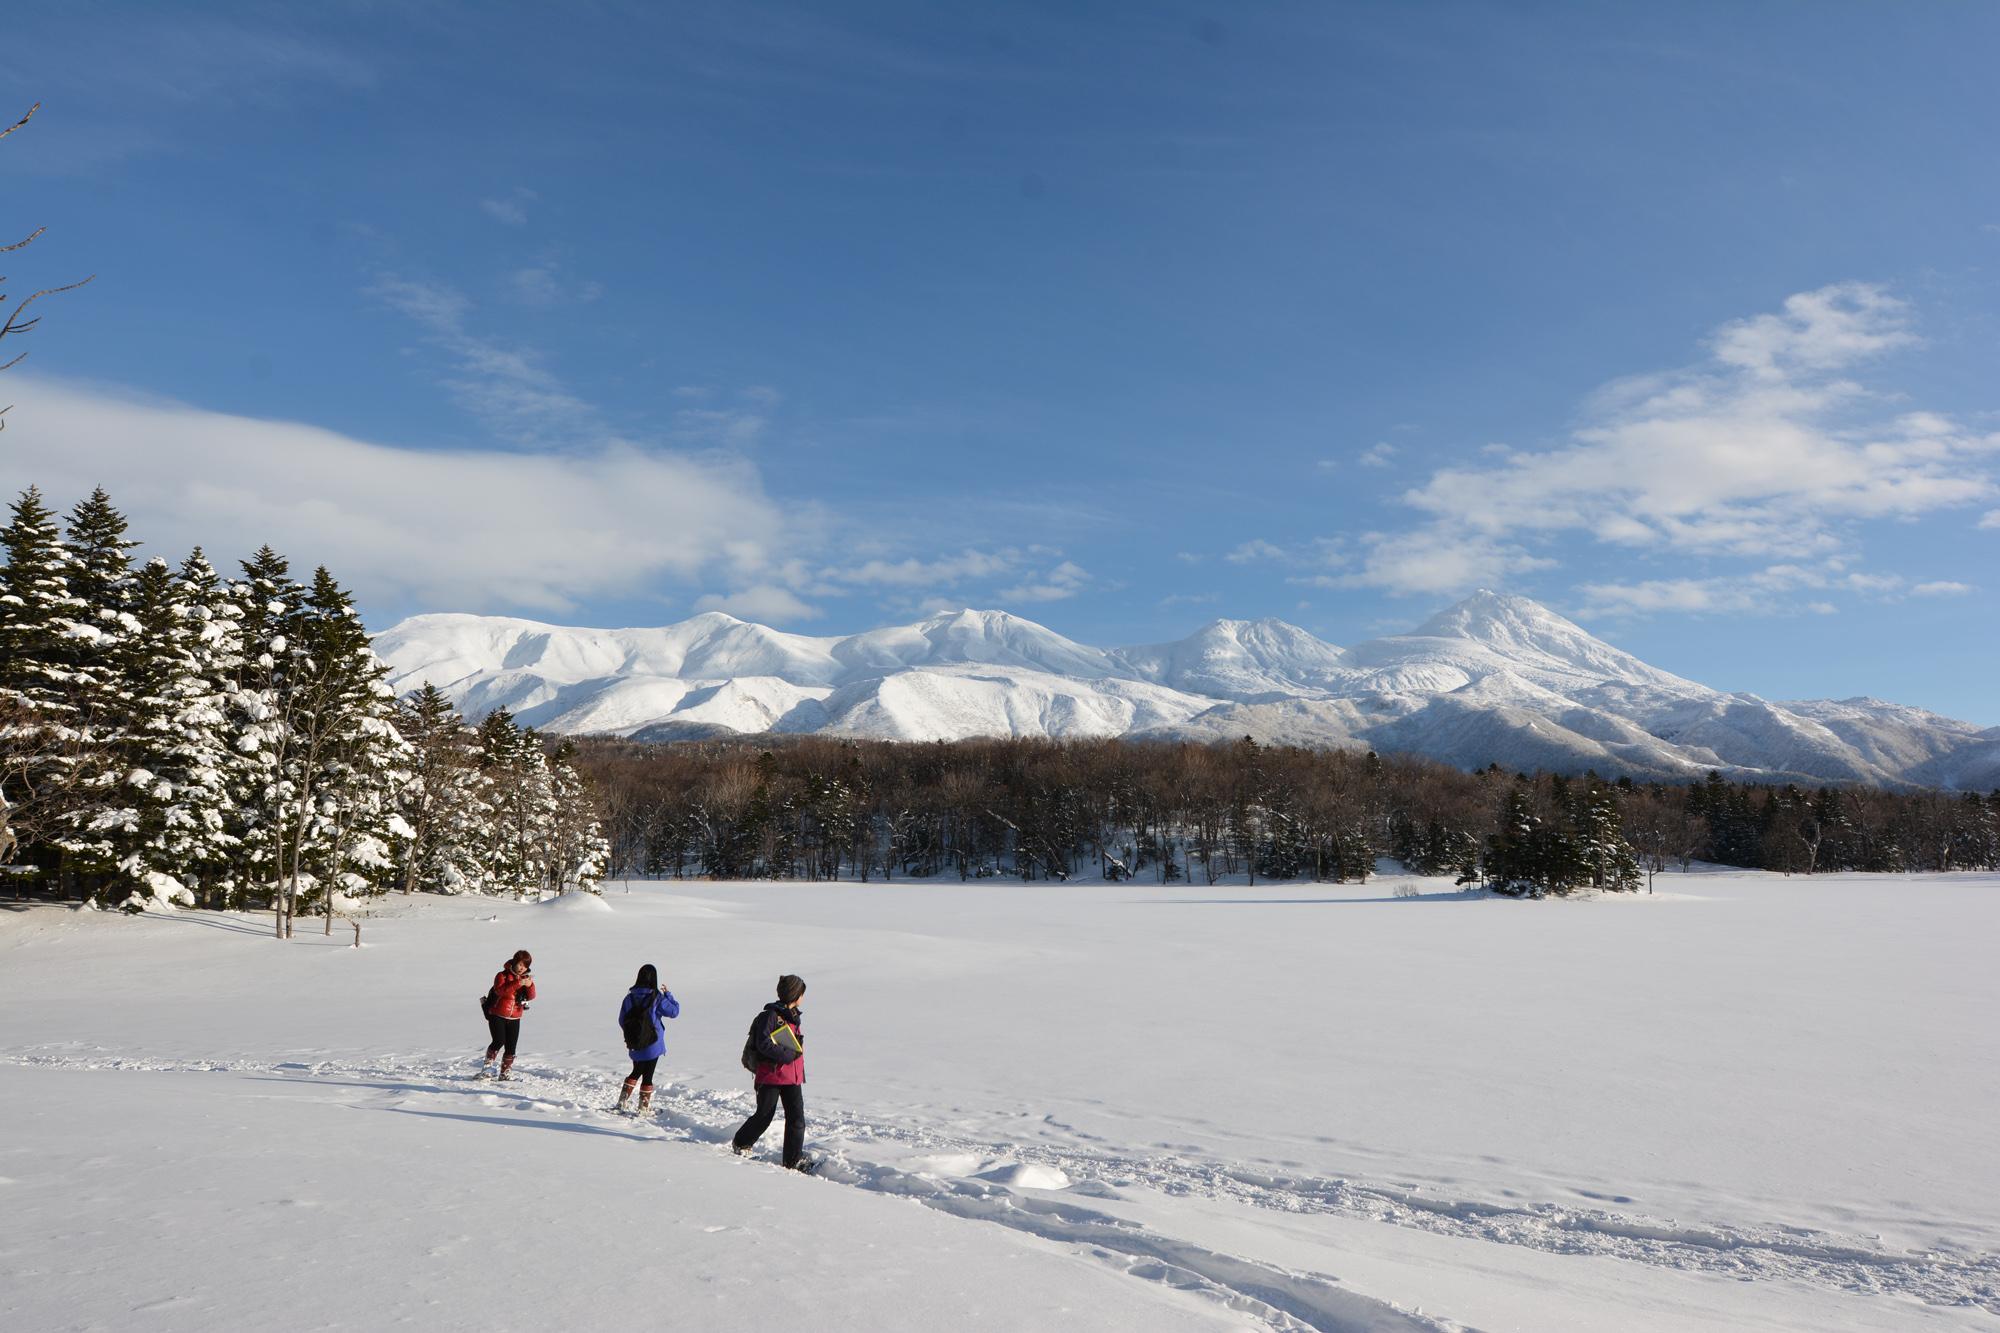 知床連山を展望する美しい風景。 冬は湖越しに見る風景がより広々と感じられる気がします。